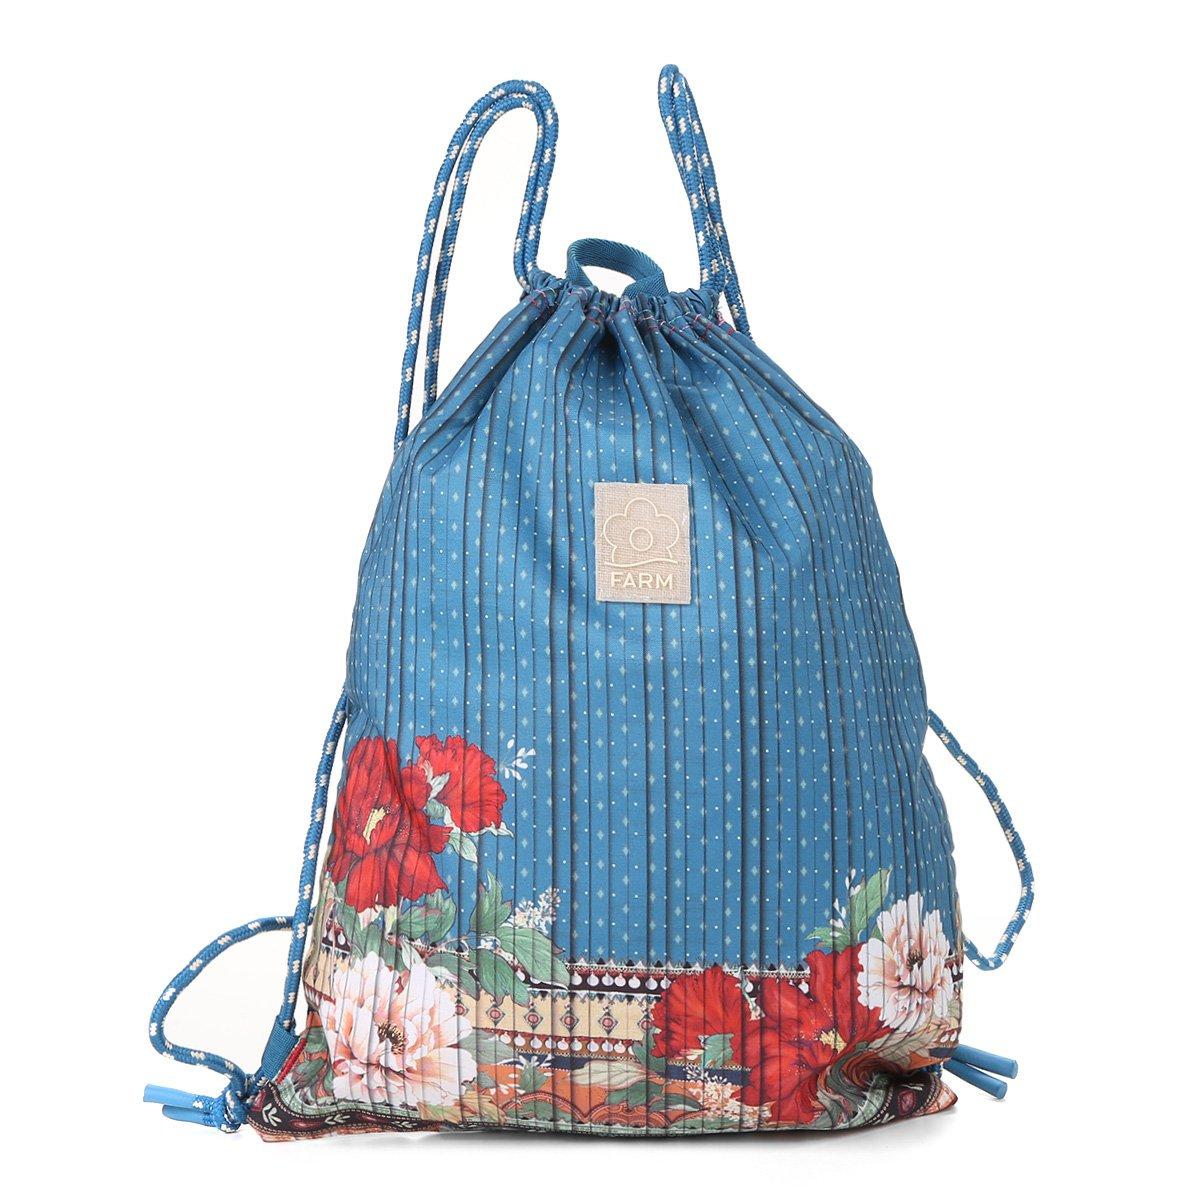 e98f456d0 Bolsa Farm Saco Estampada Feminina - Shopping TudoAzul